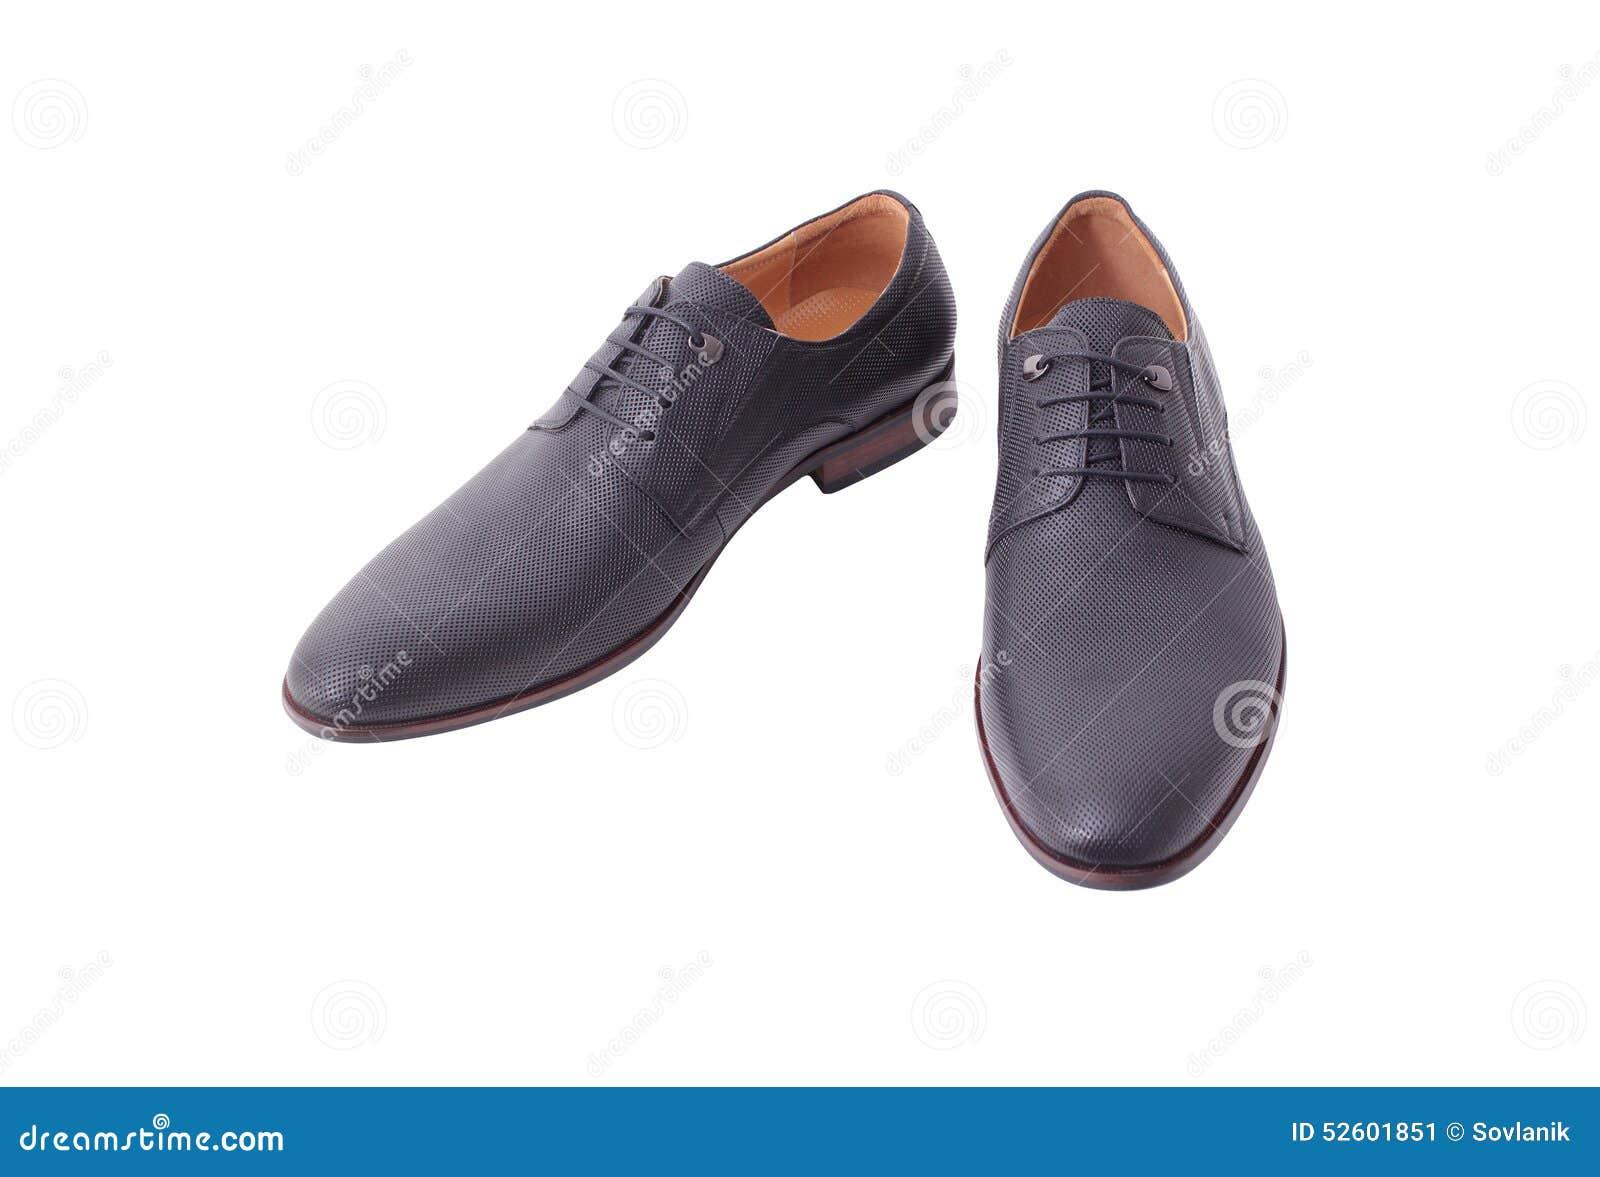 2eea1be461a65 De Imagen Sirve Zapatos Un Archivo Joven Para Hombre wBUvTX